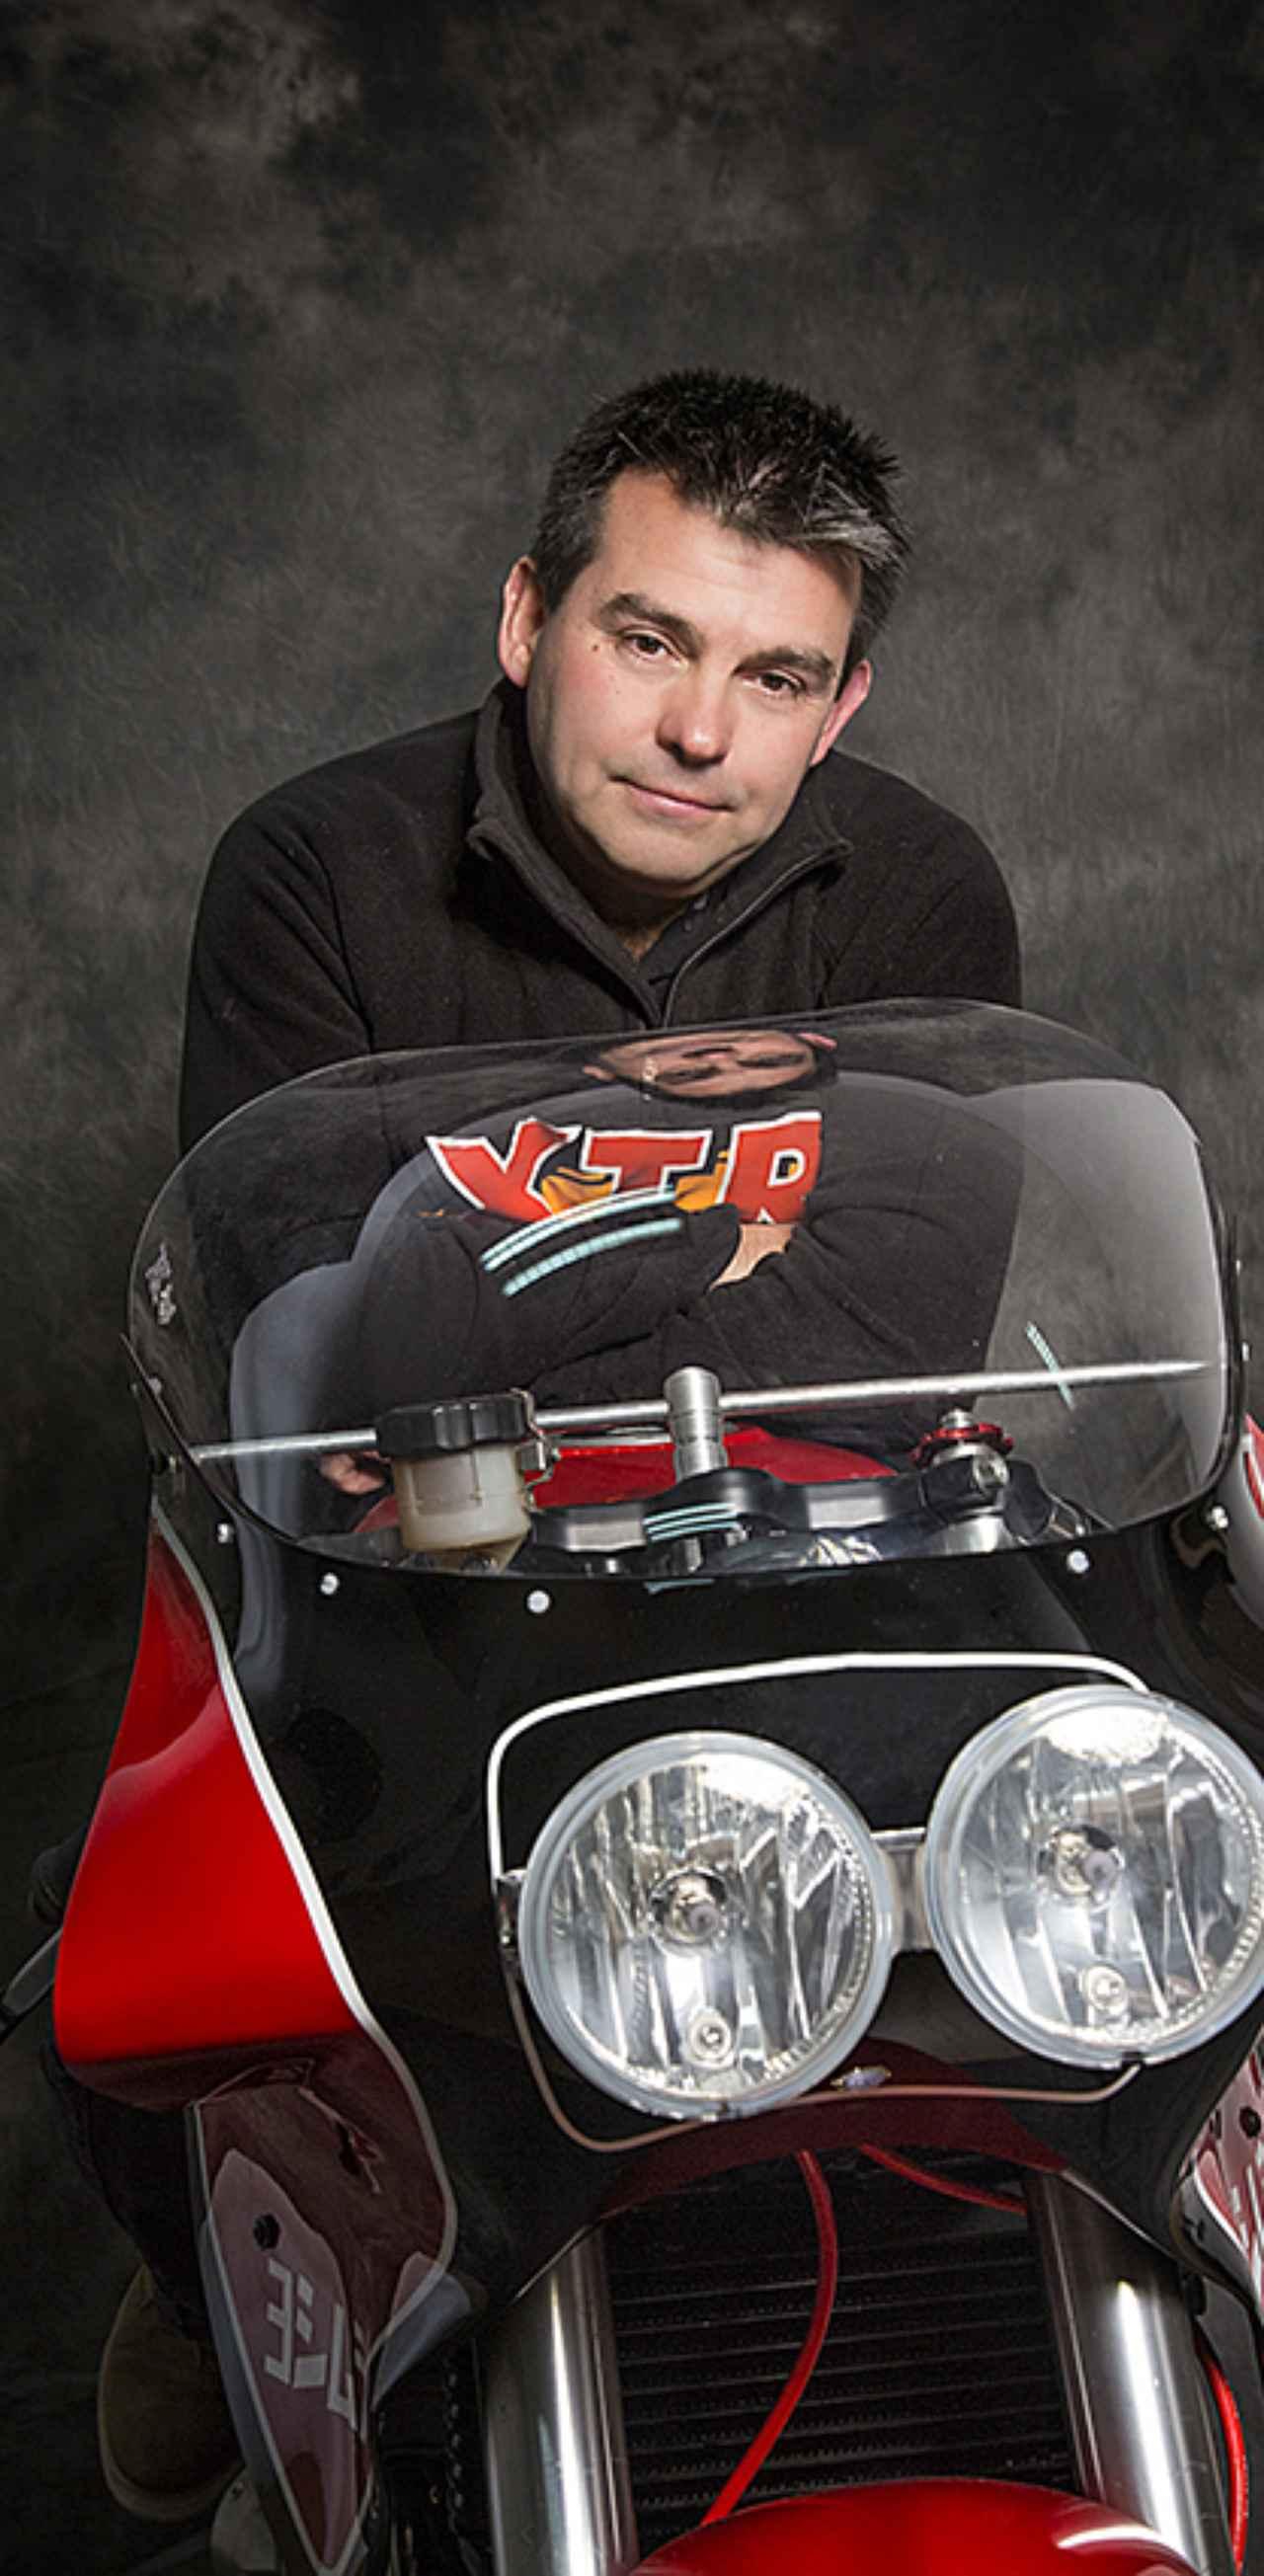 画像: Repoさん。フランス生まれですが、生後間もなくスペインに移住したとのことです。 www.xtrpepo.com